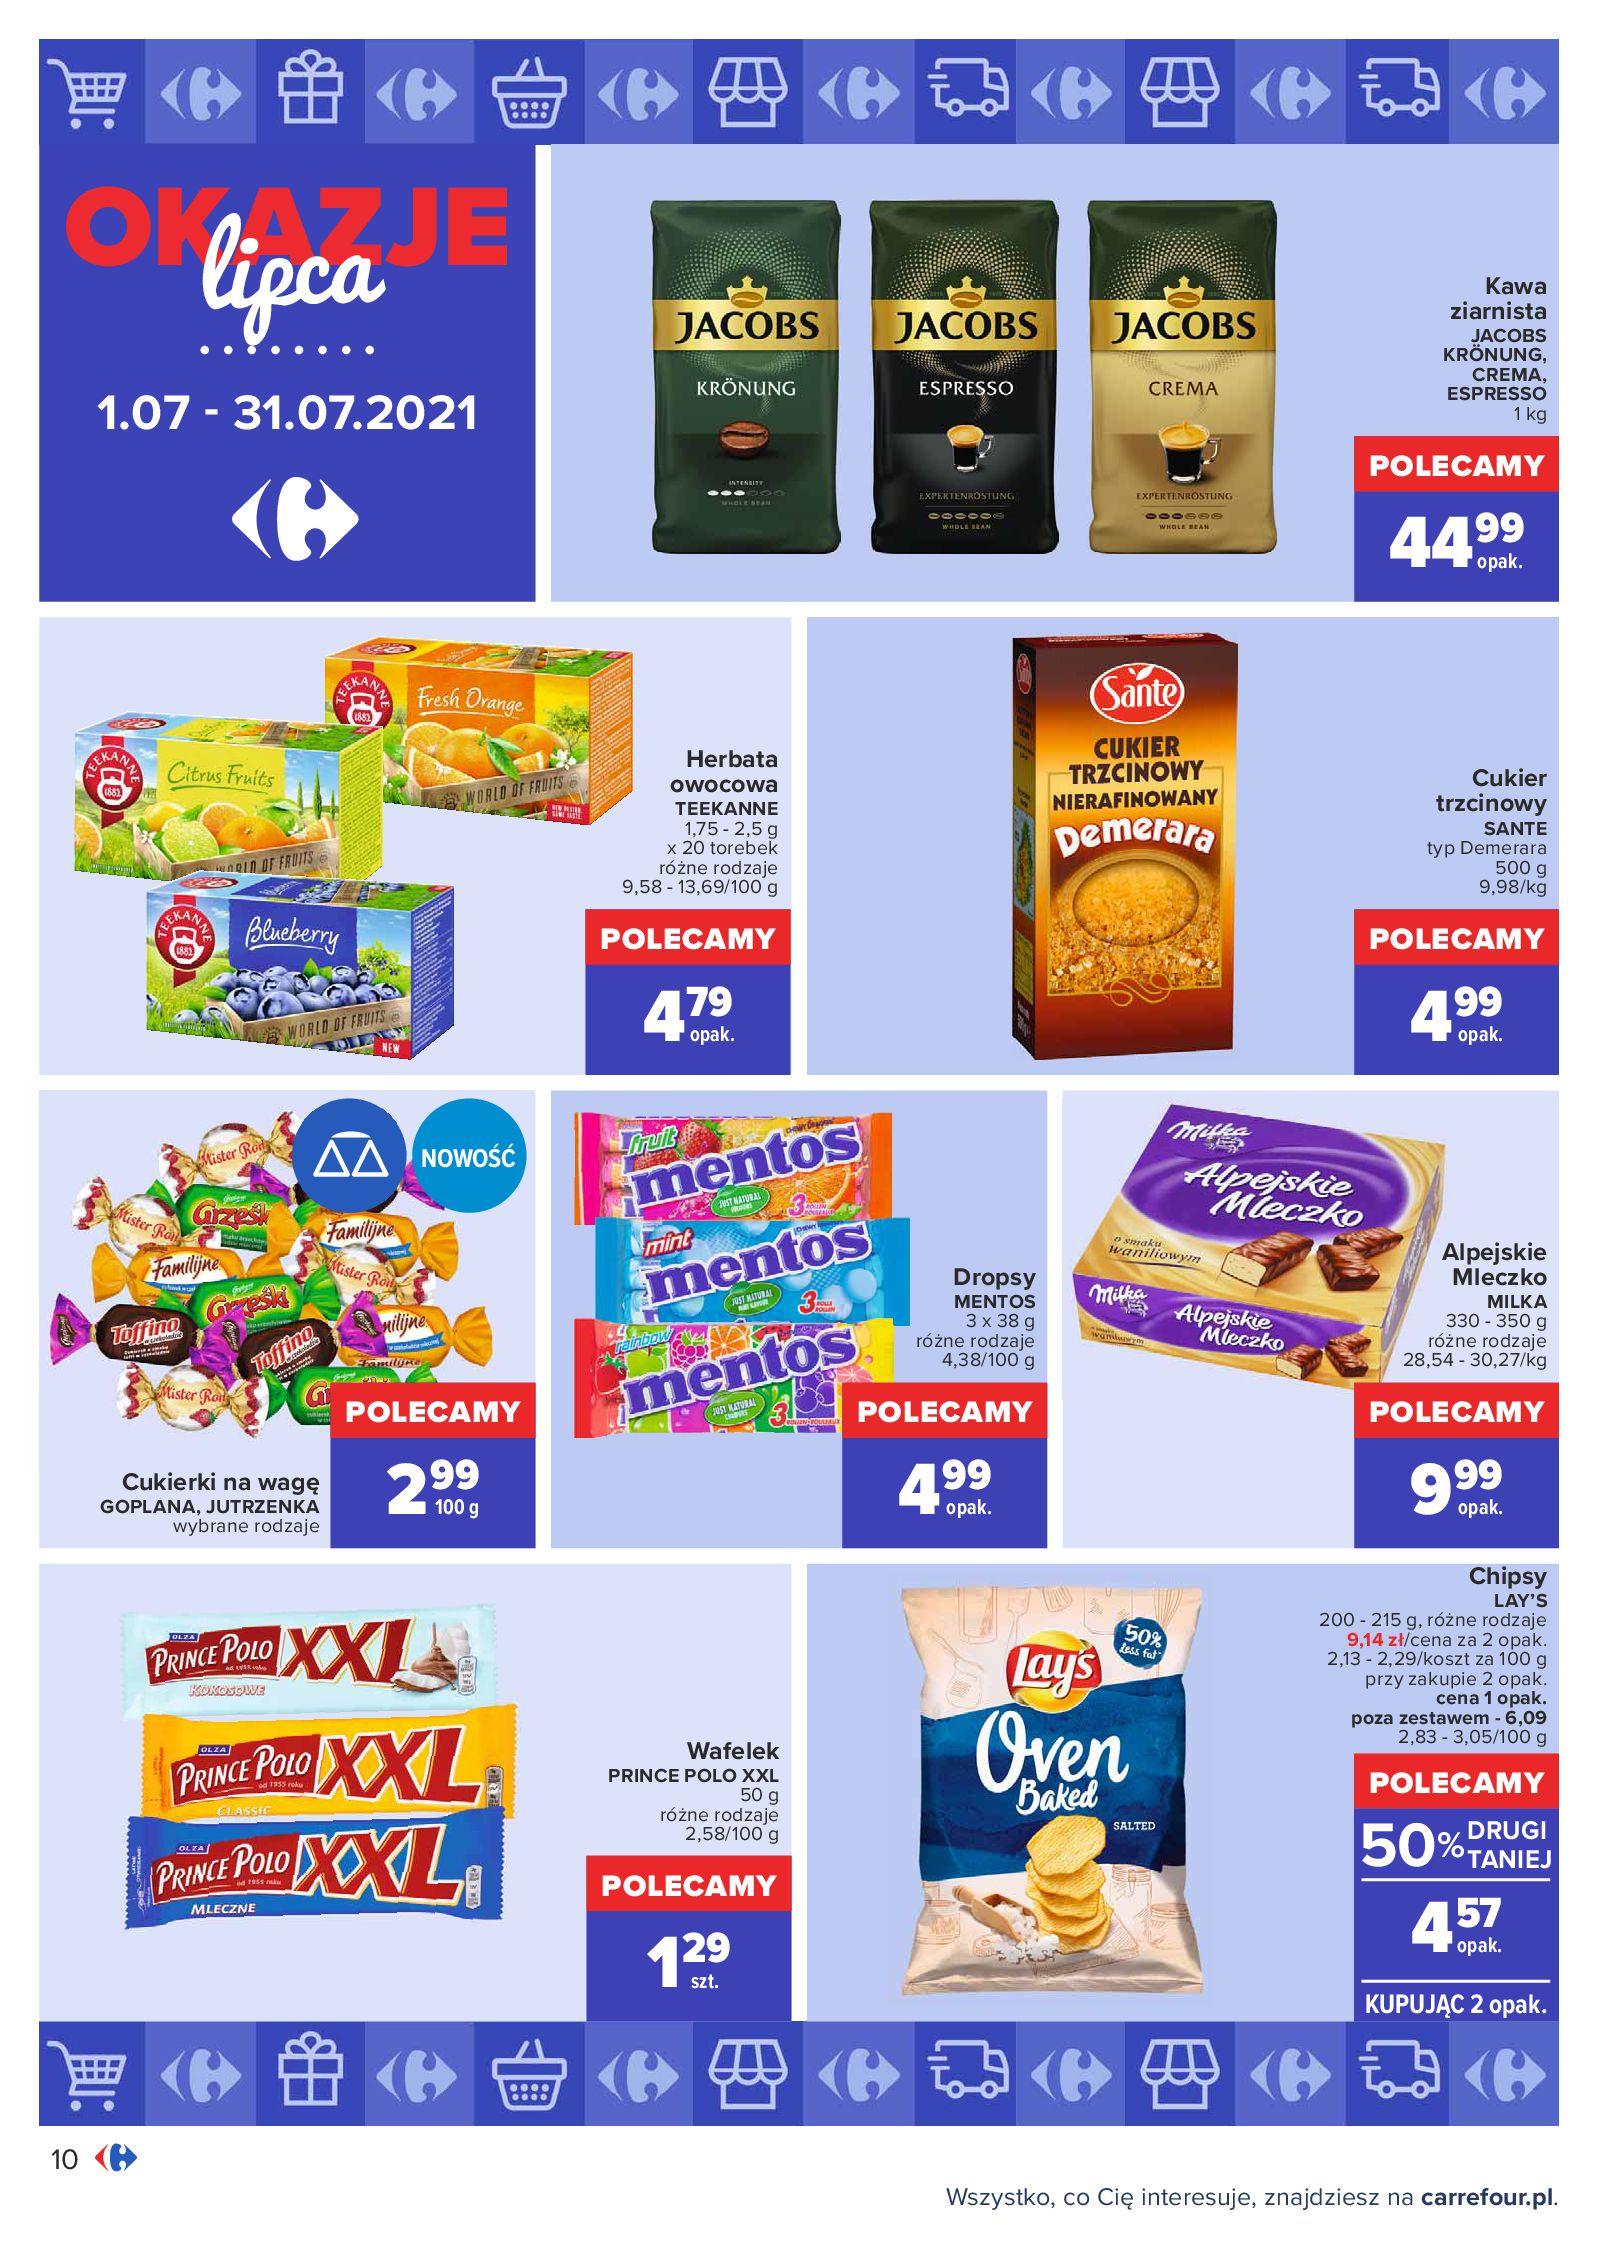 Gazetka Carrefour: Gazetka Carrefour - Okazje lipca 2021-07-01 page-10